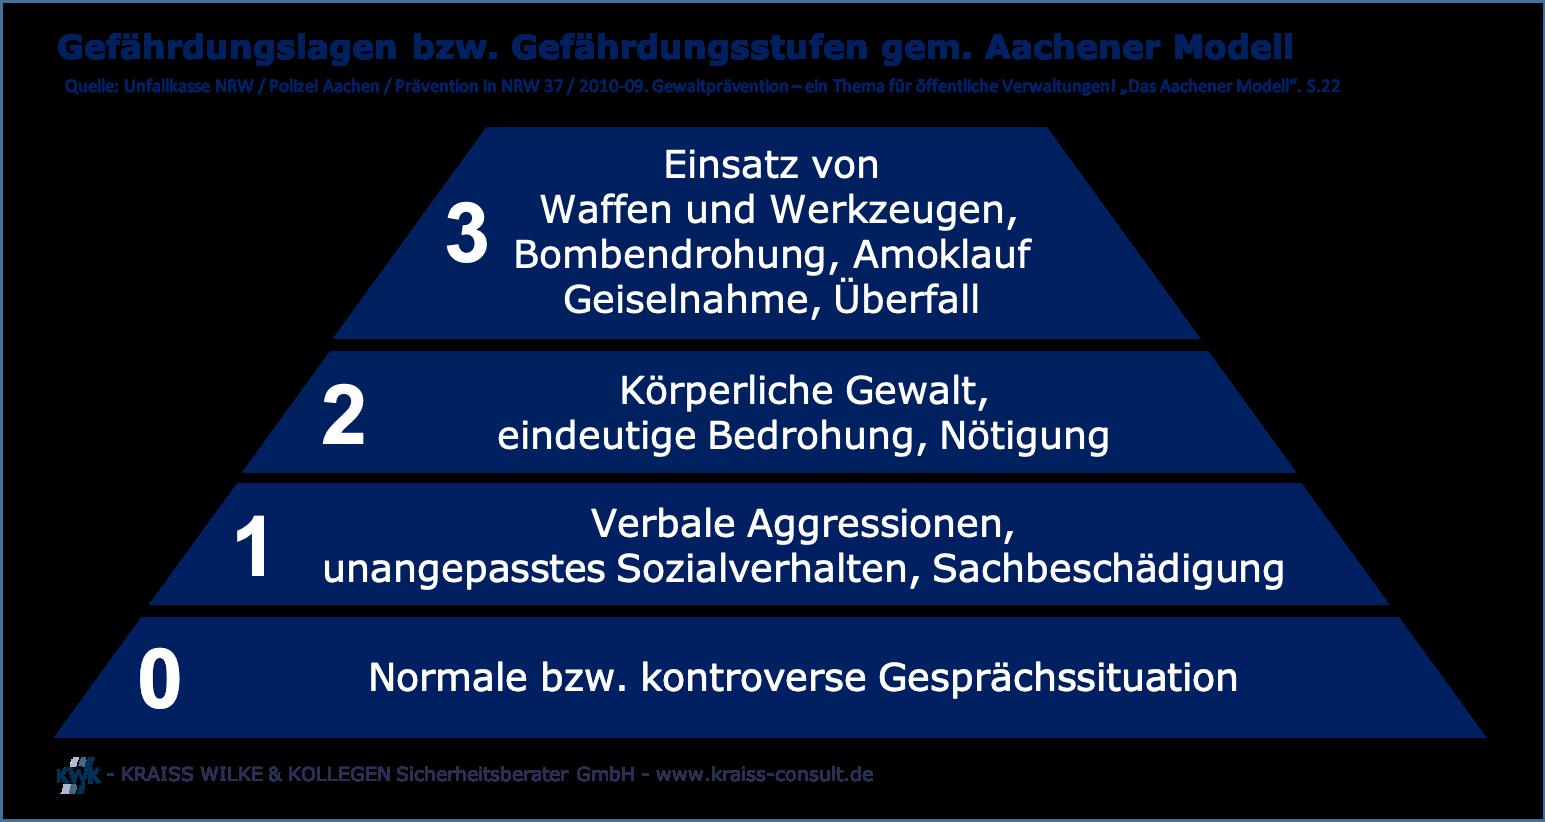 Gefährdungslagen bzw. Gefährdungsstufen gemäß Aachener Modell